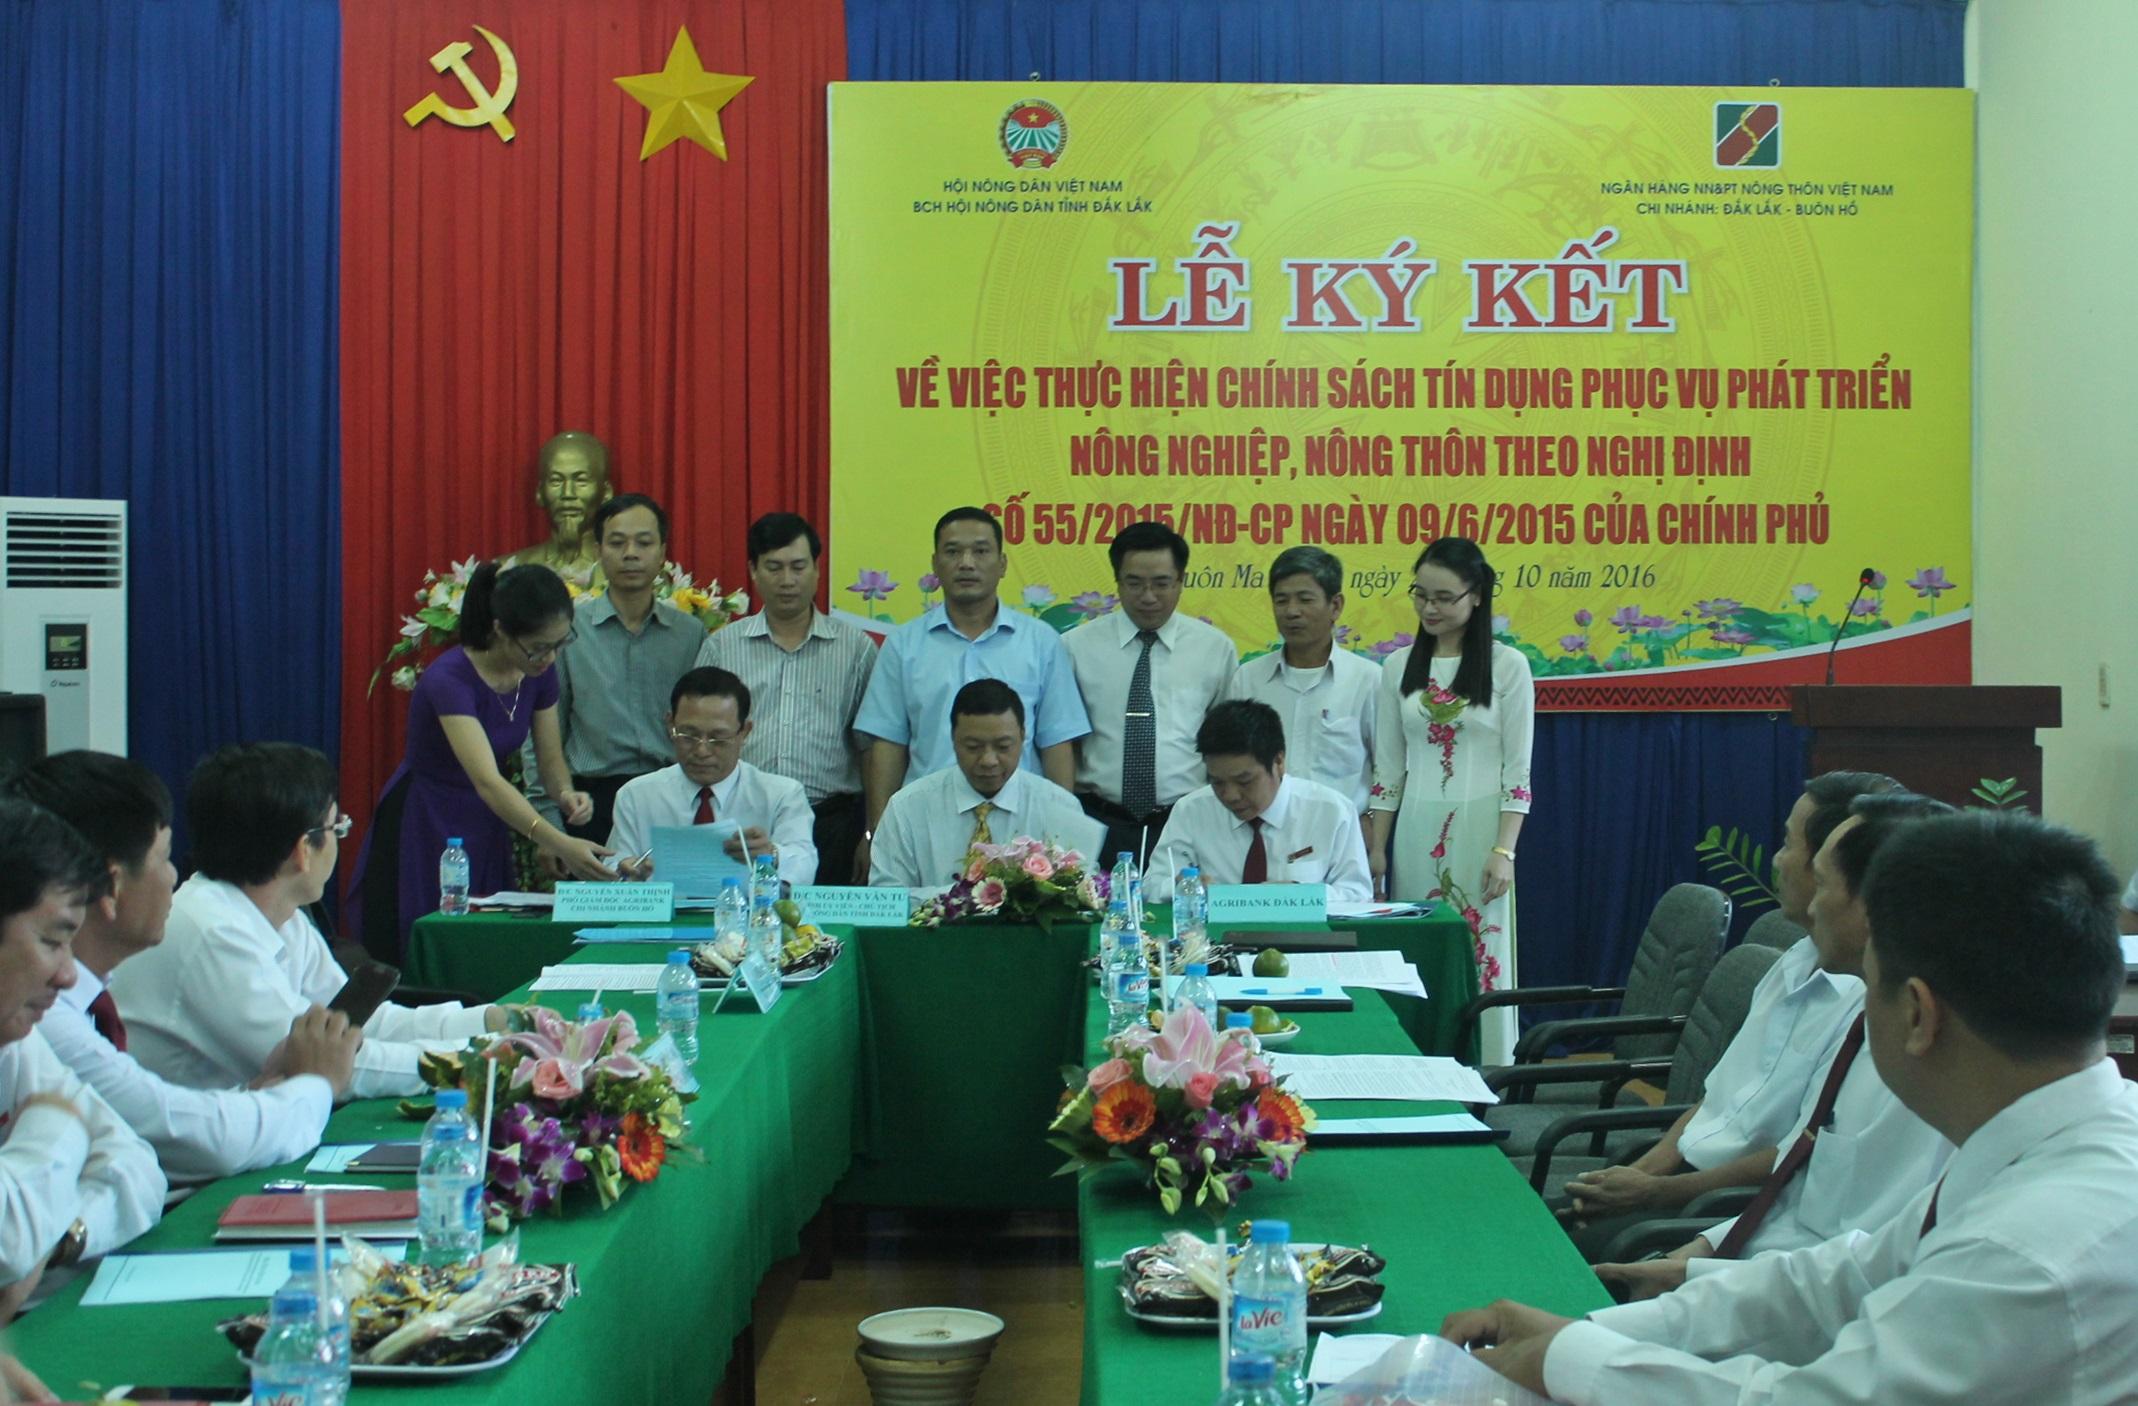 Tháng 11/2016, dư nợ cho vay tại Agribank Đắk Lắk tăng 300 tỷ đồng.